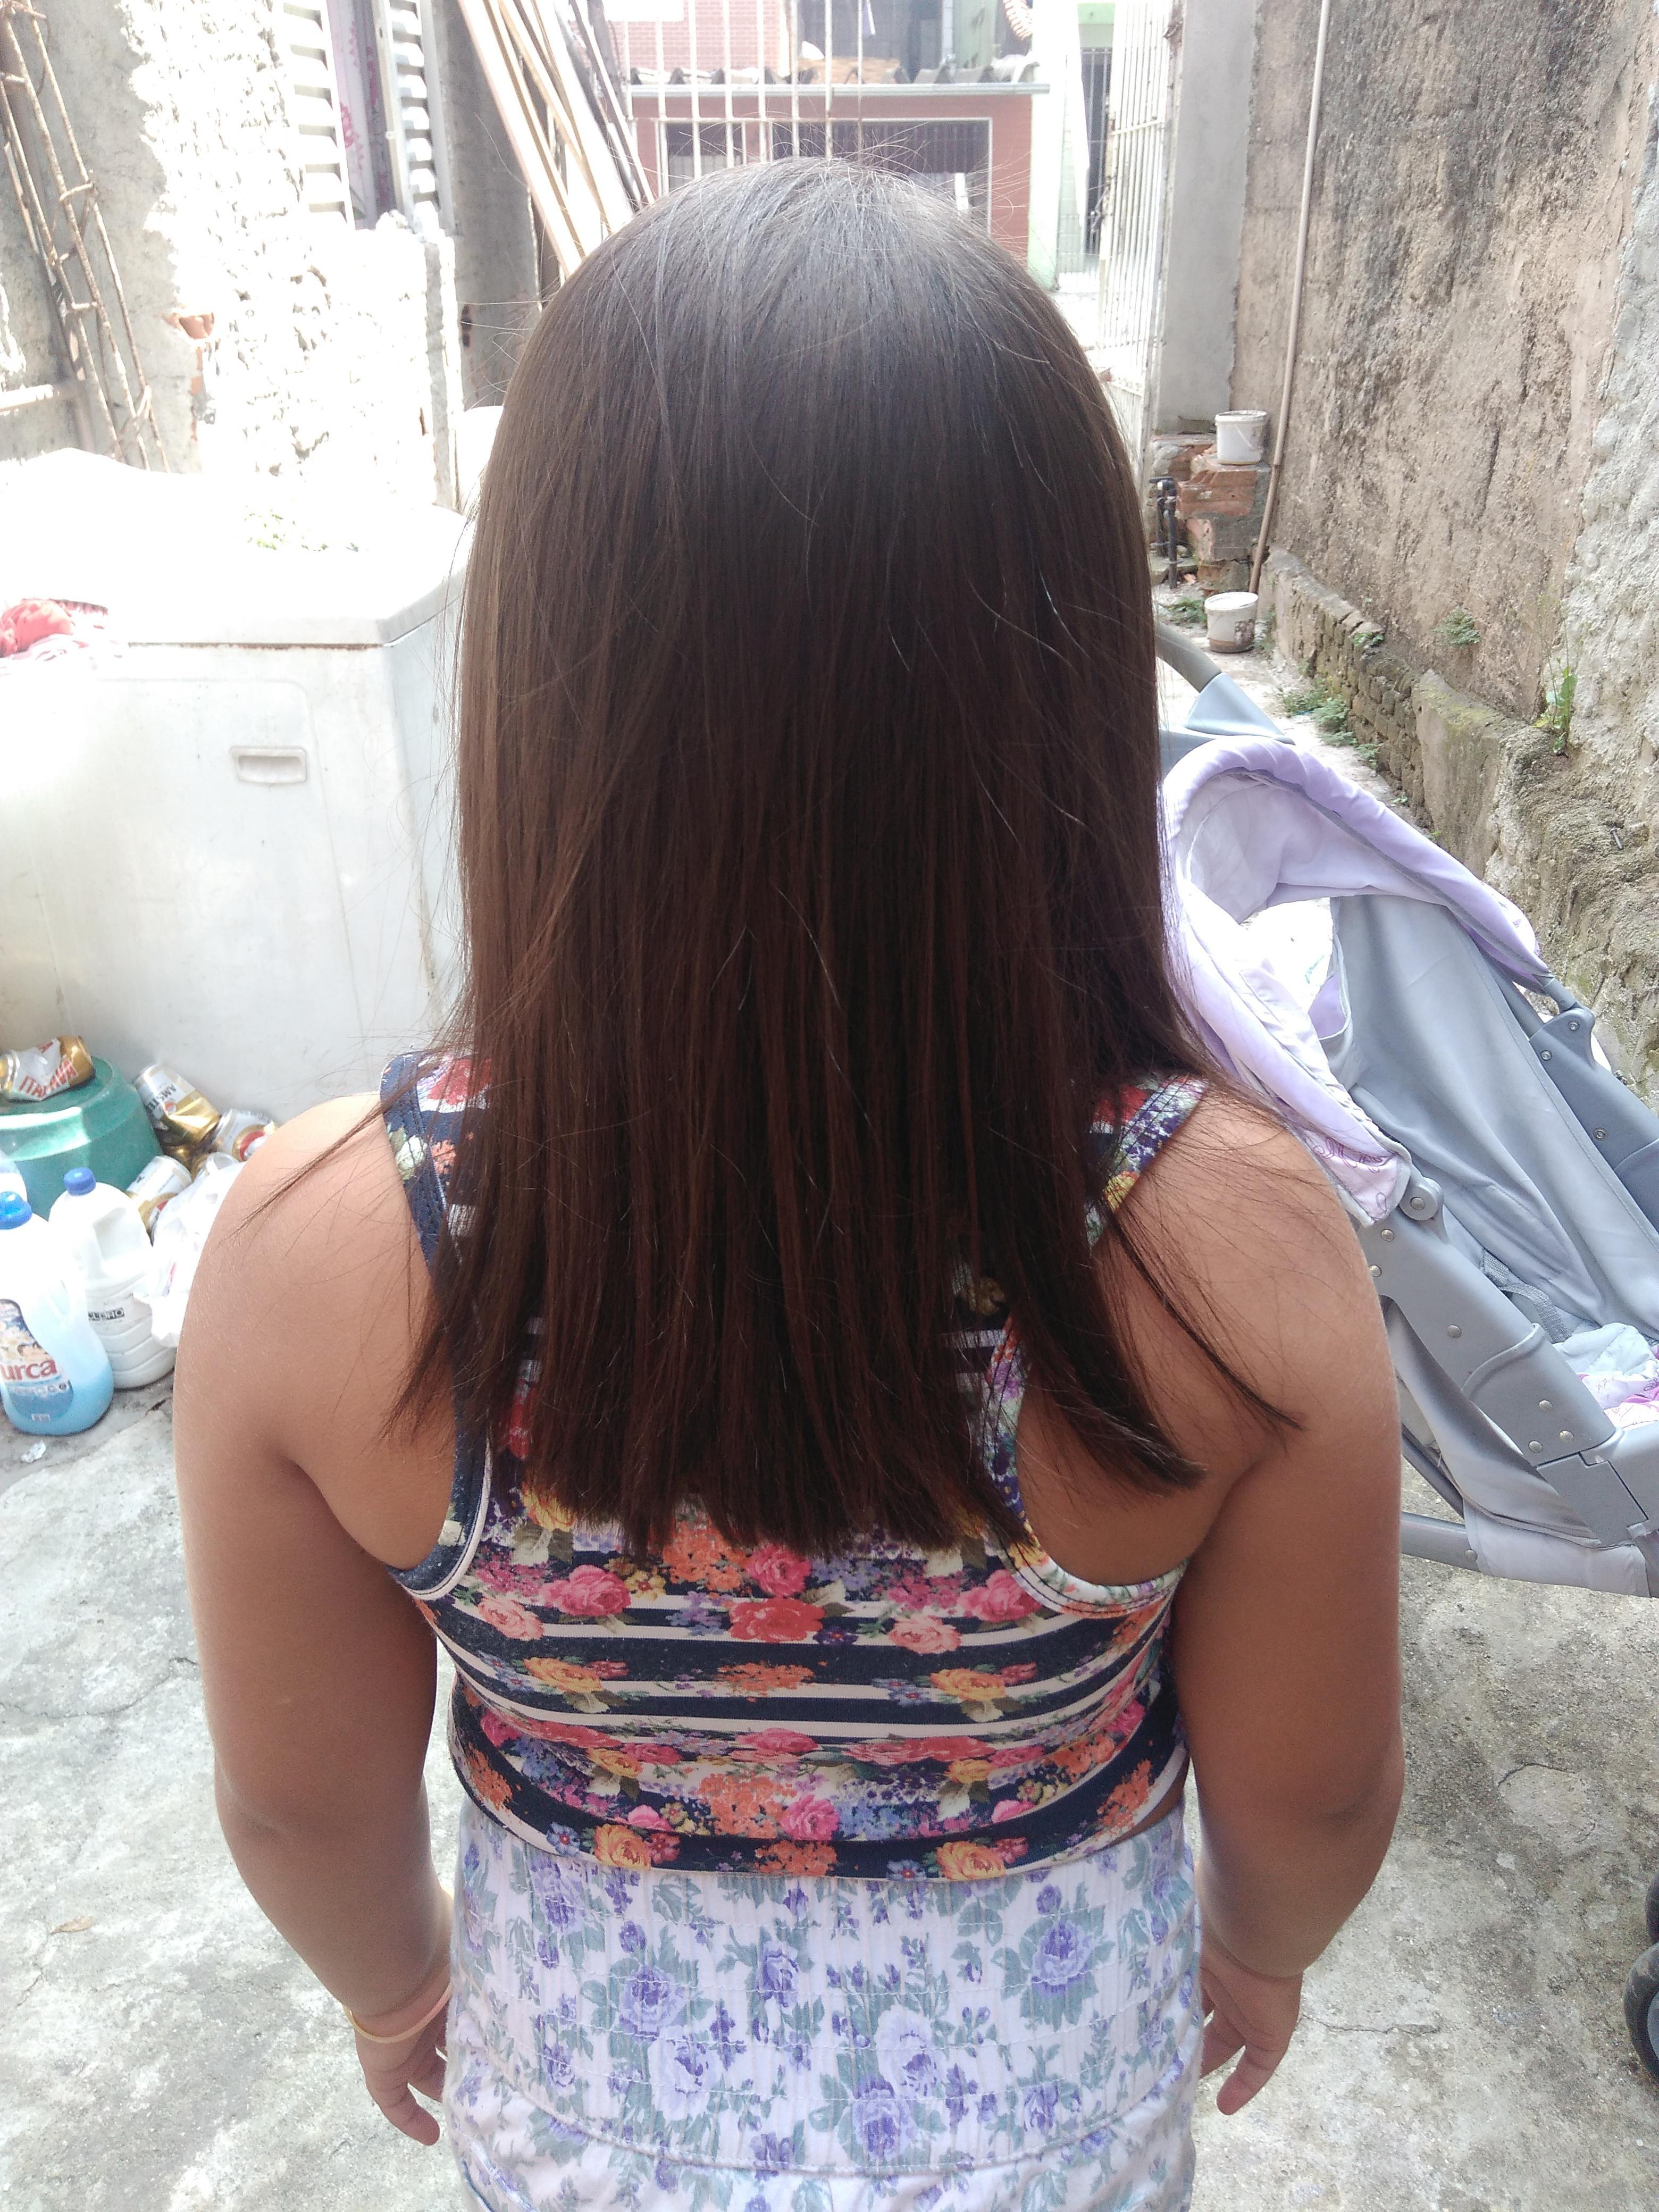 Progressiva,corte feito em casa cabelo era bem cacheado ficou super liso. cabelo cabeleireiro(a) auxiliar cabeleireiro(a) manicure e pedicure